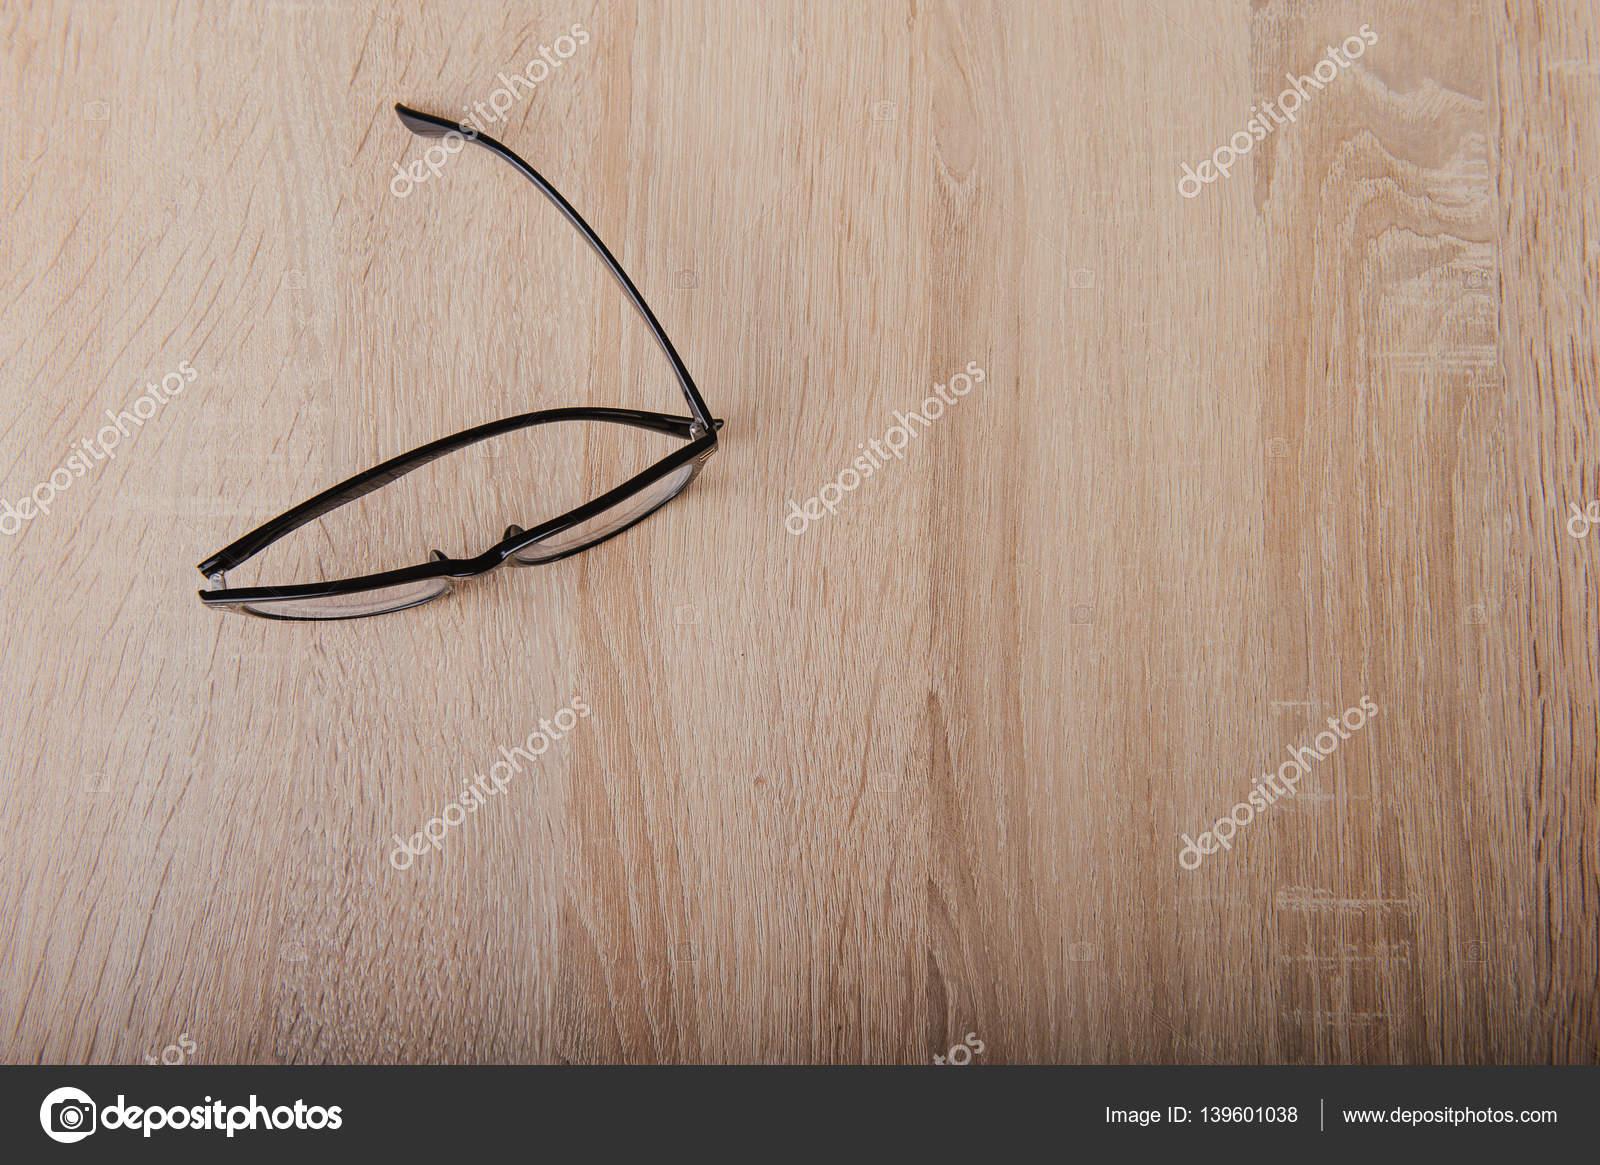 Verres de lunettes claires avec cadre noir fashion style vintage